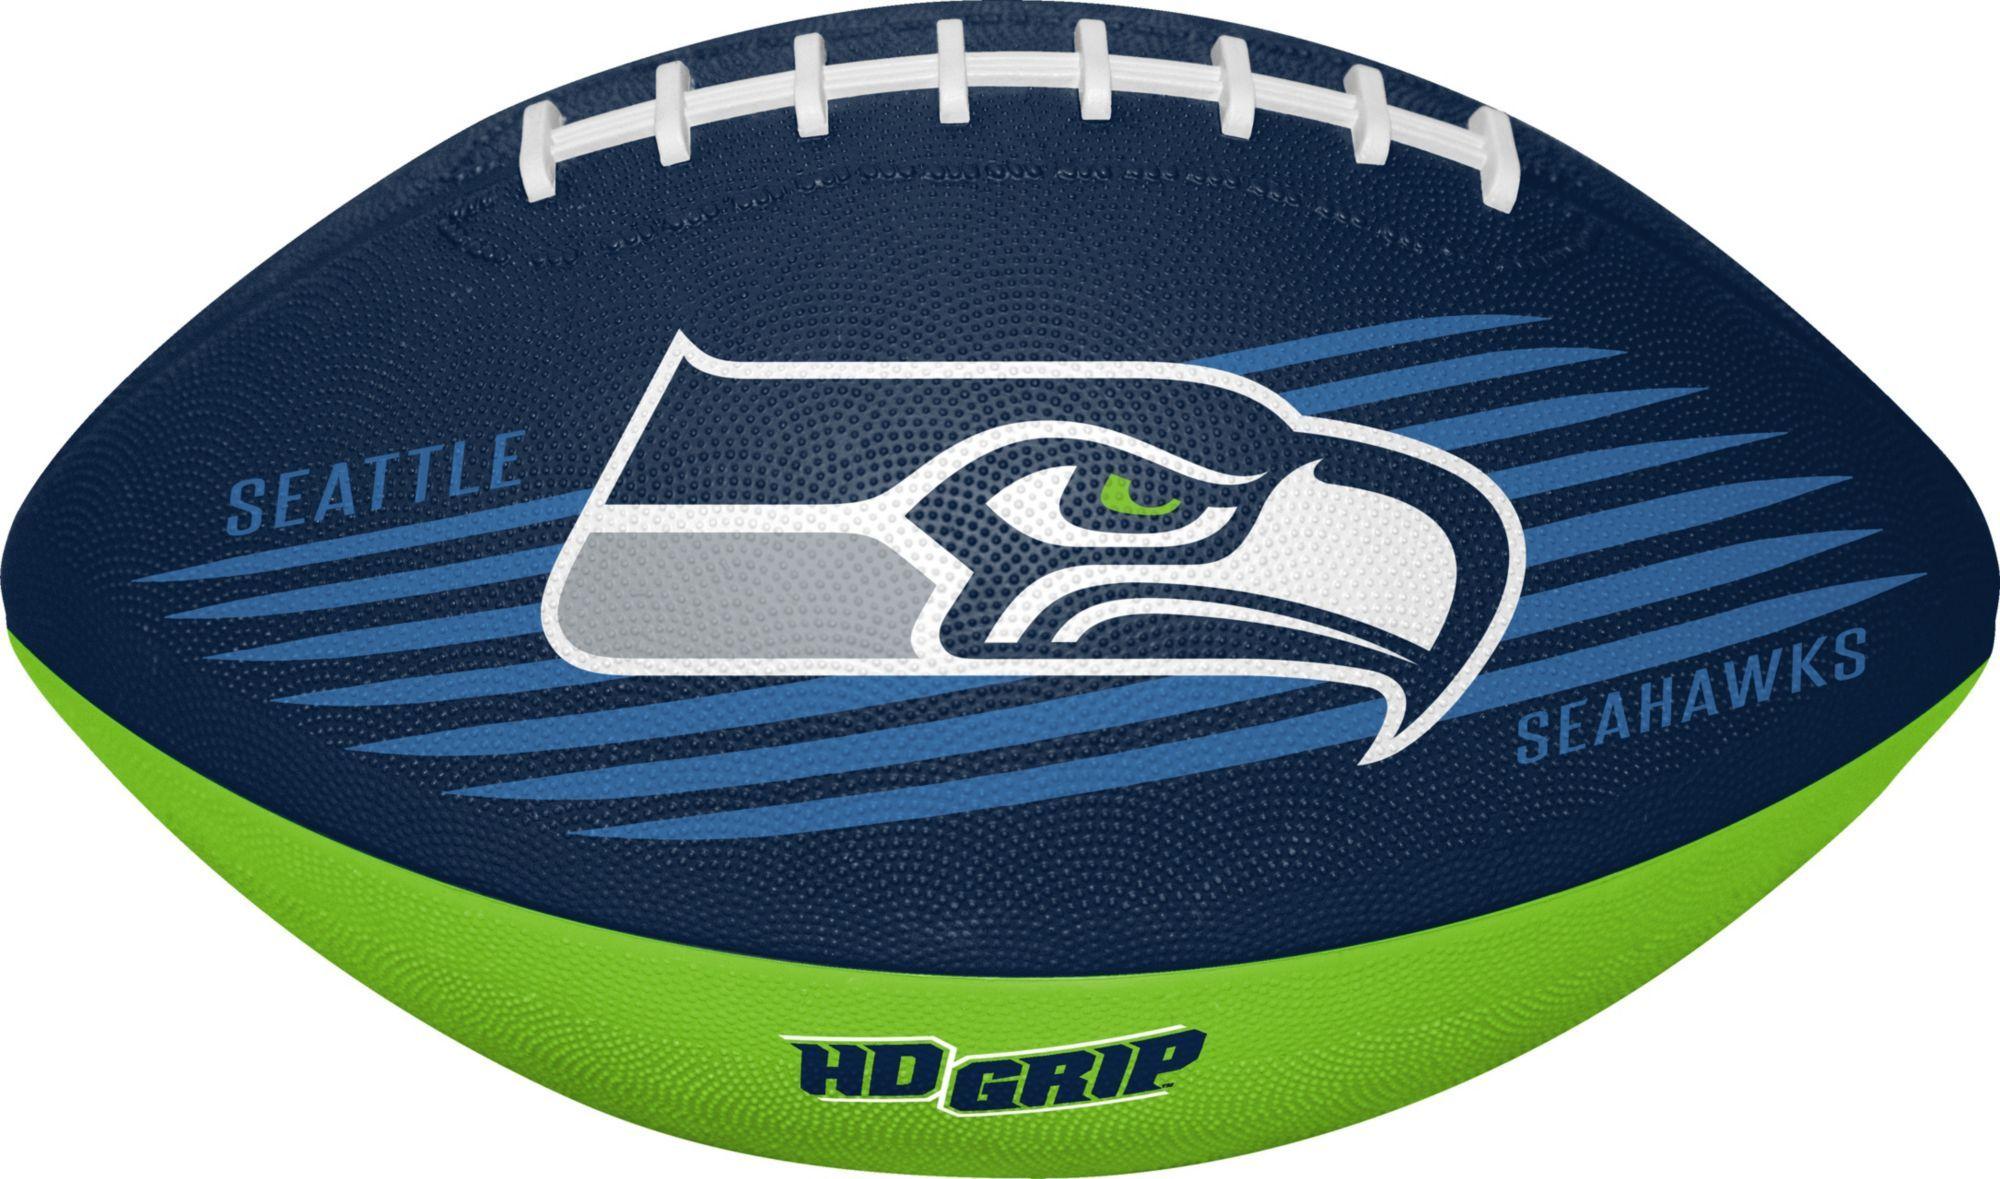 Rawlings Seattle Seahawks Downfield Youth Football In 2020 Football Seahawks Youth Football